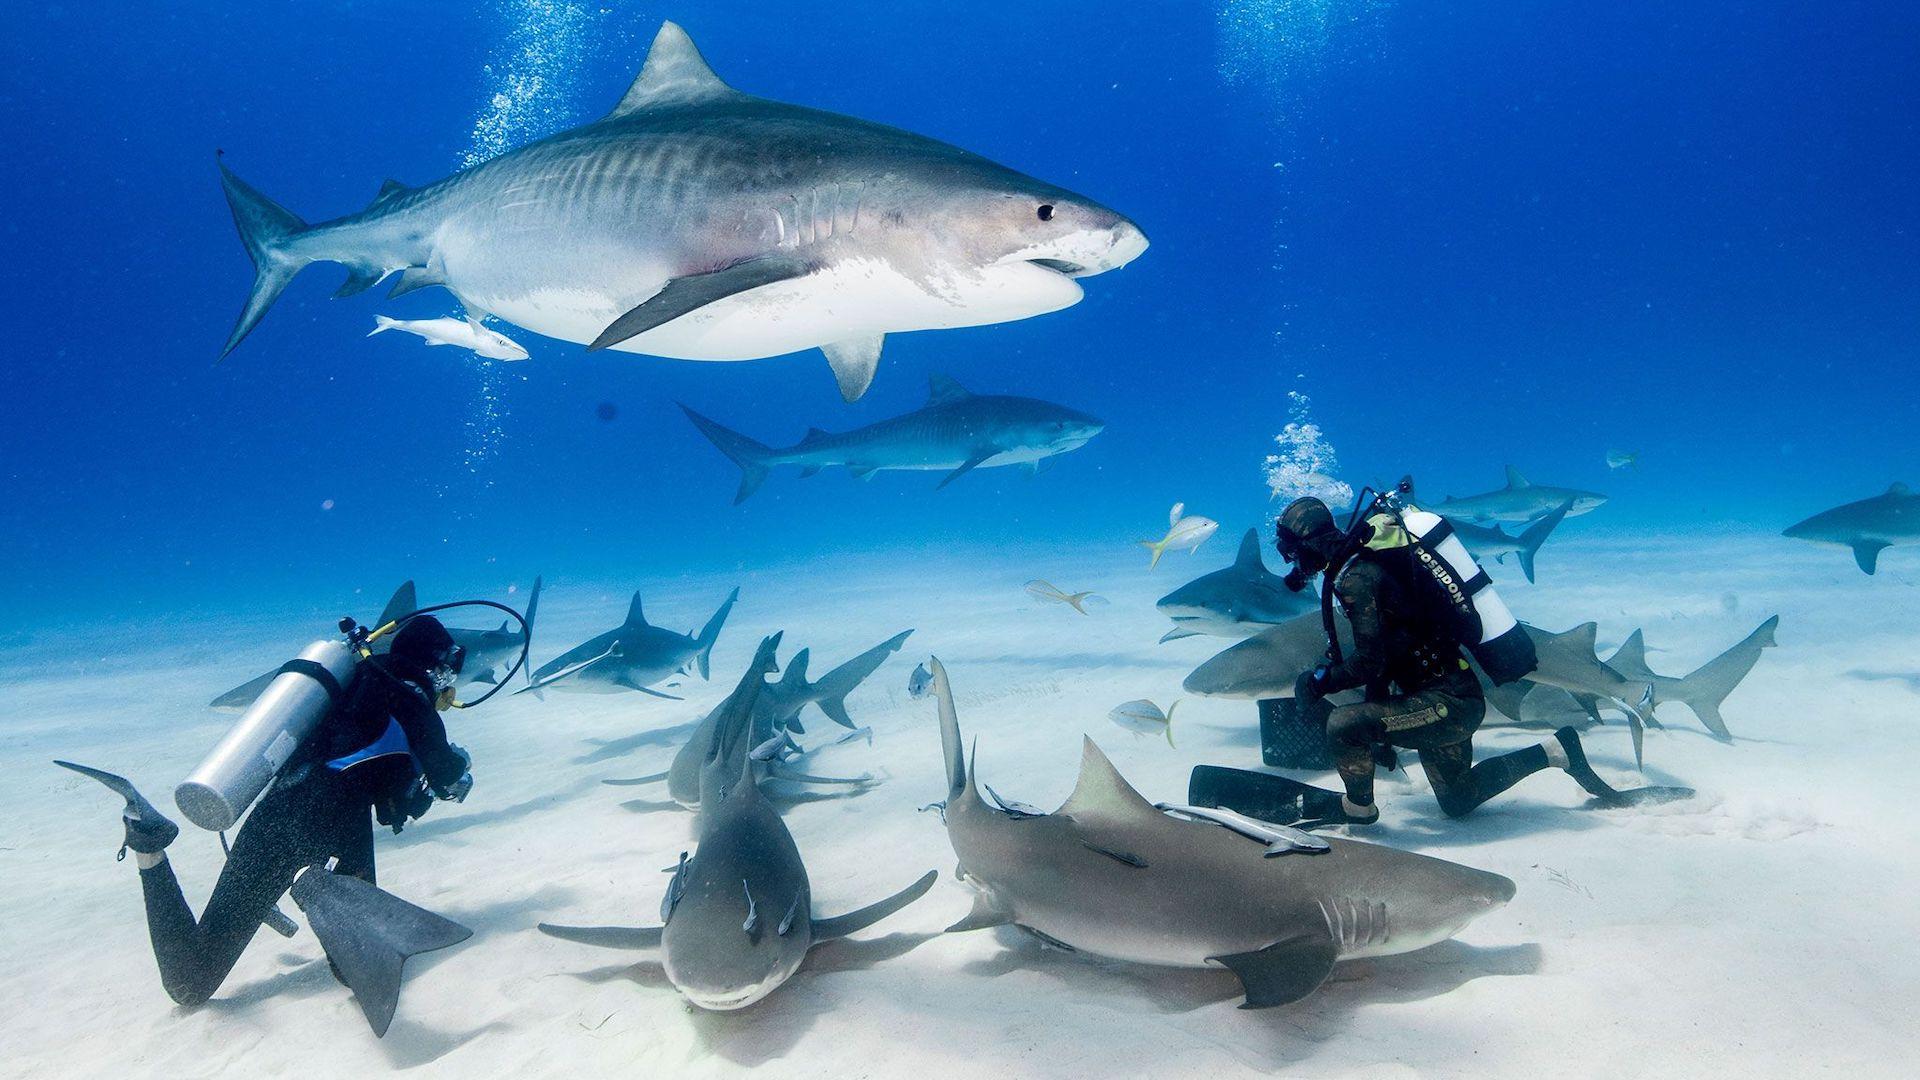 ¿Puedo nadar con tiburones en Cuba?